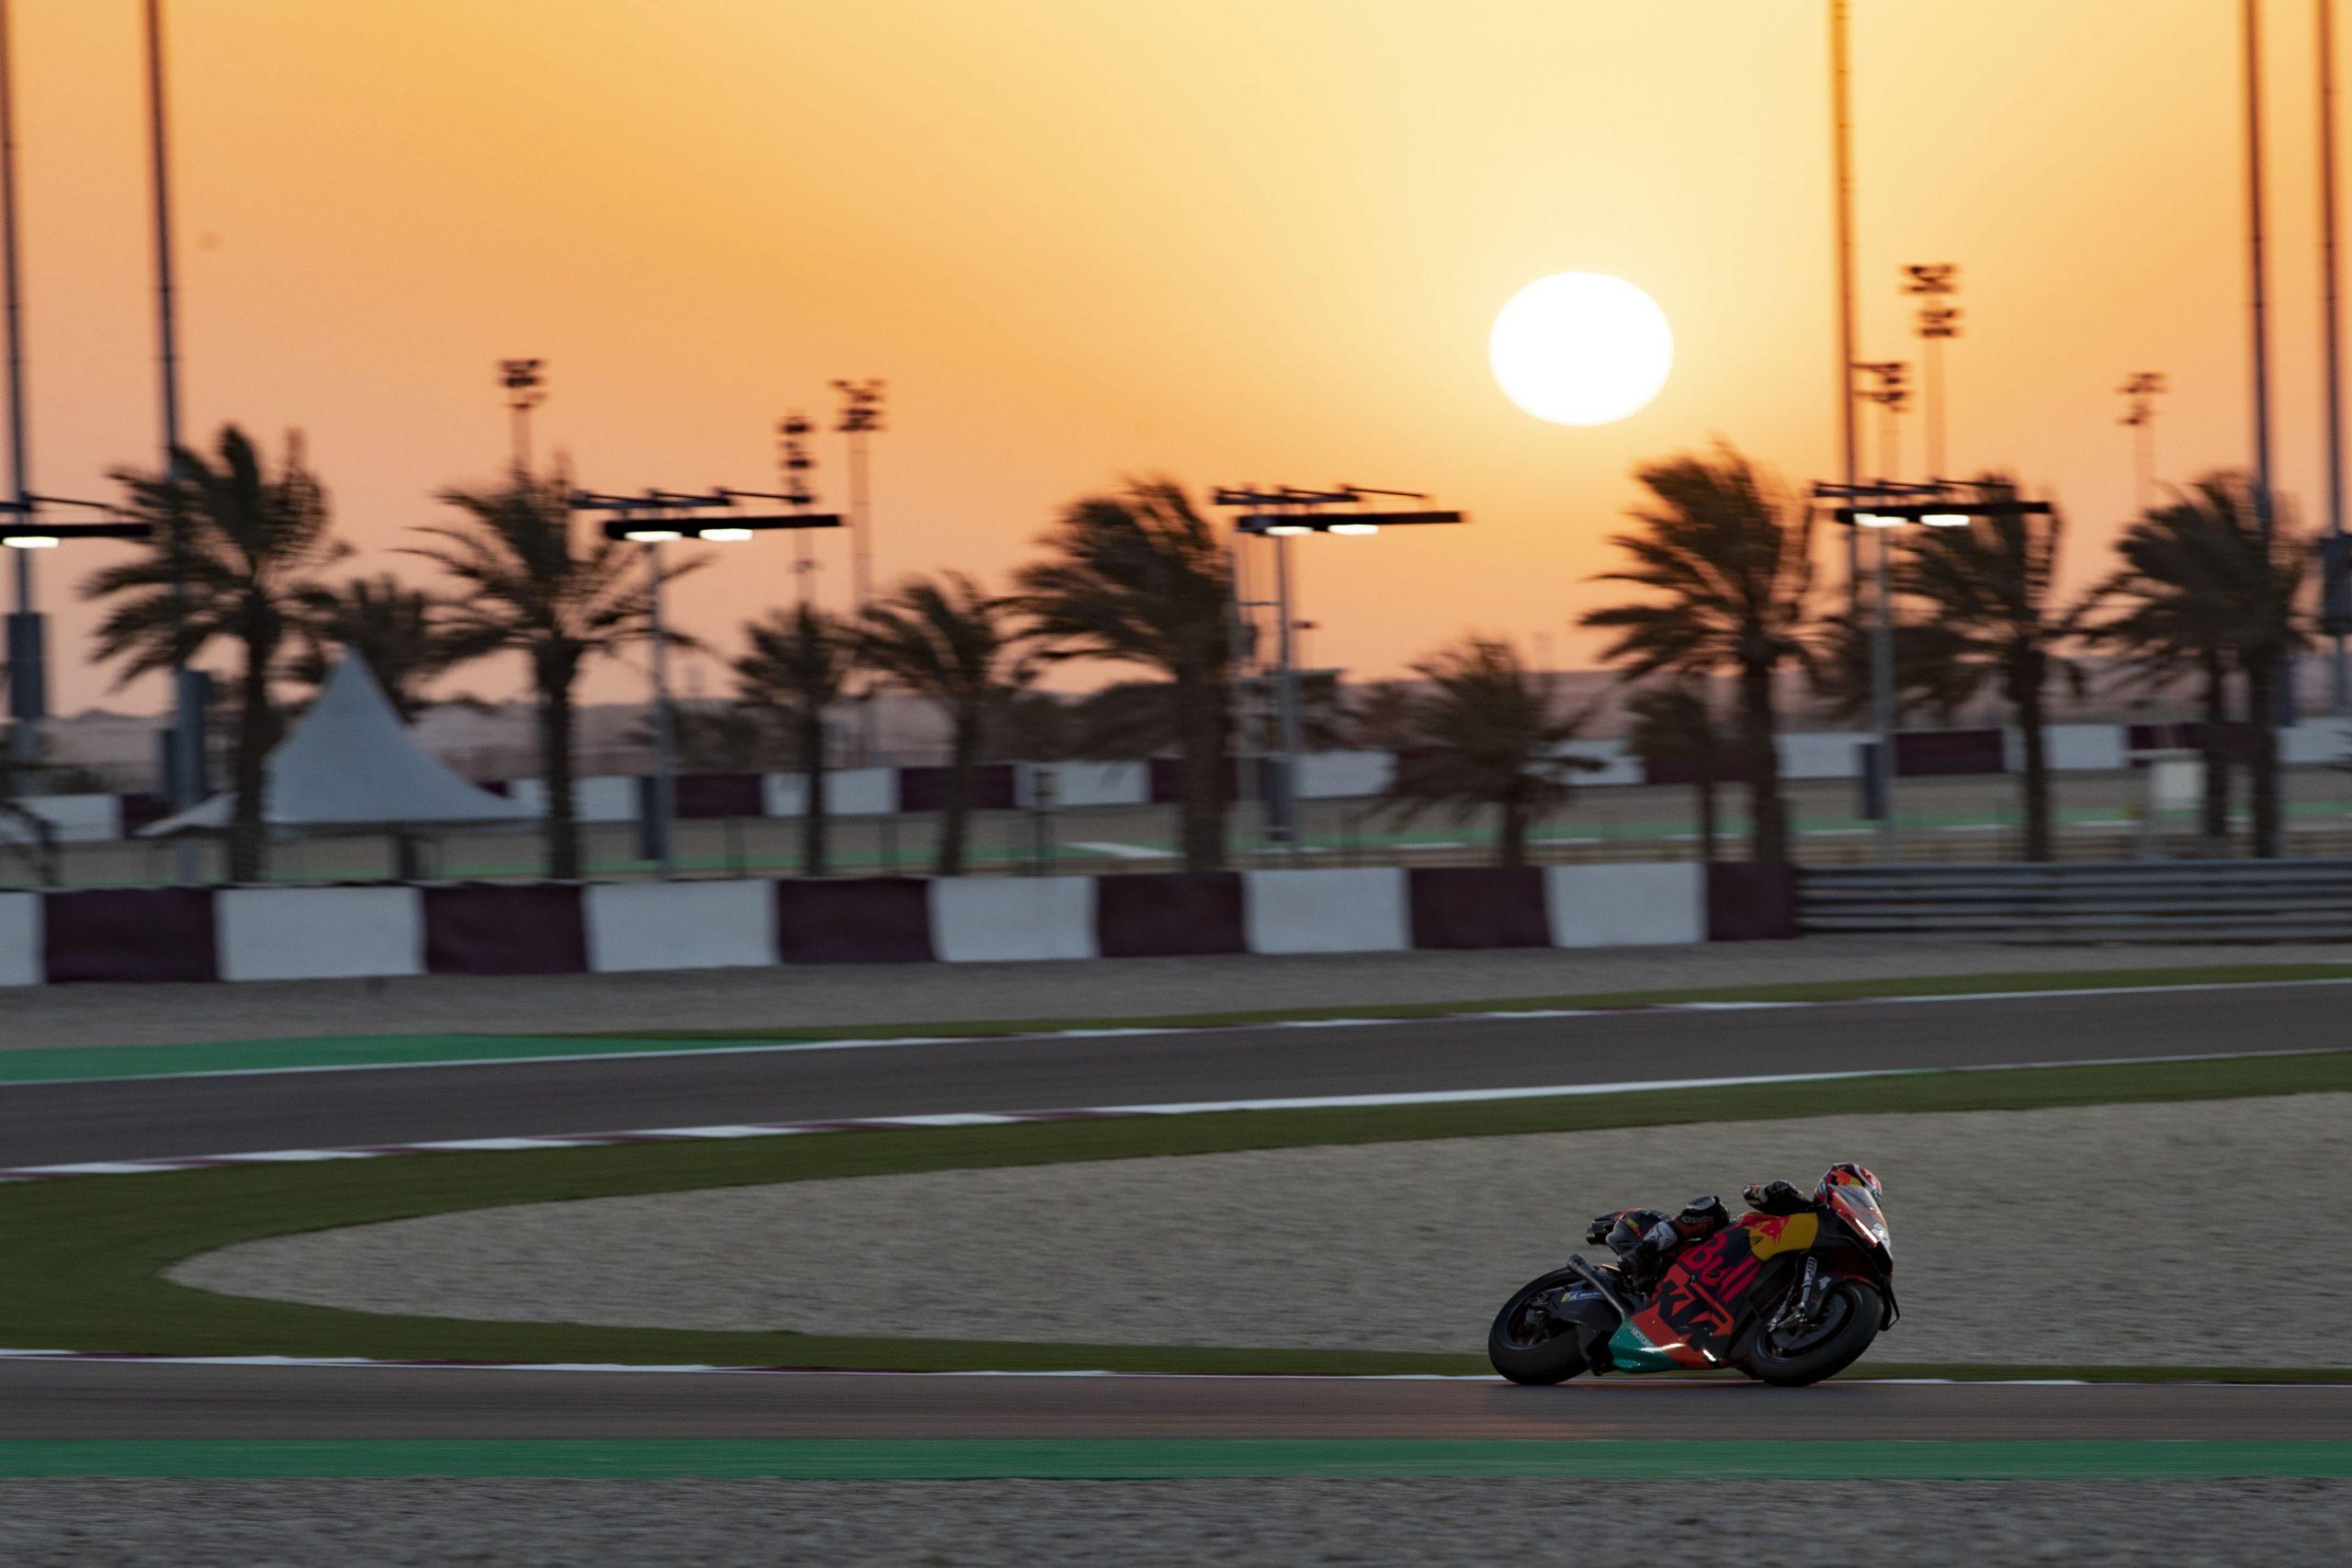 Moto GP Preview 2021